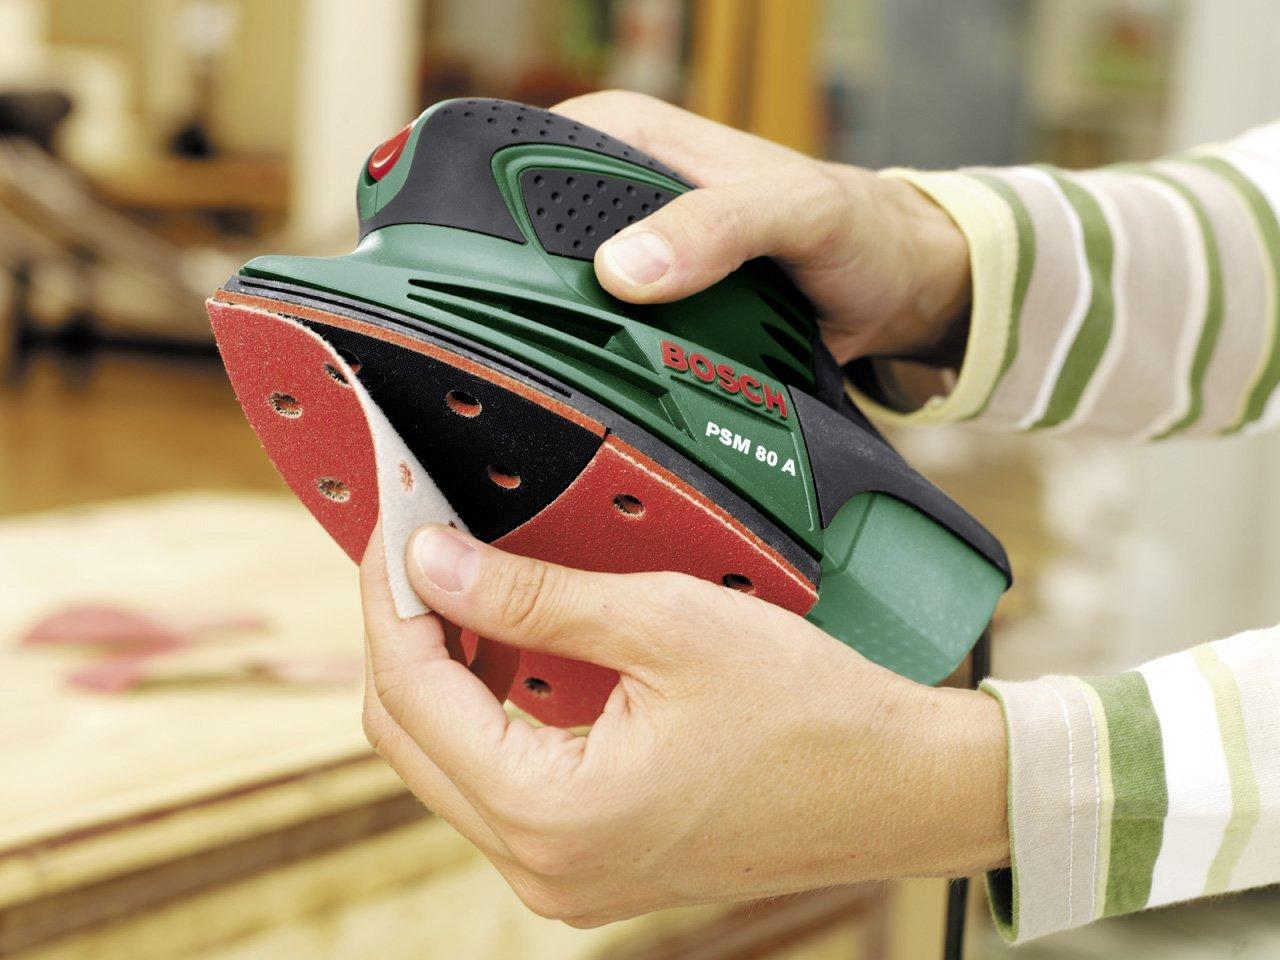 K/örnung von 80 bis 3000 zum Polieren von Handwerks- Schleifpapier Automobil- Metall- und Kunststoffanwendungen ASD07C Holz- TACKLIFE 45-teiliges wasserfestes Nass- und Trockenschleifpapier